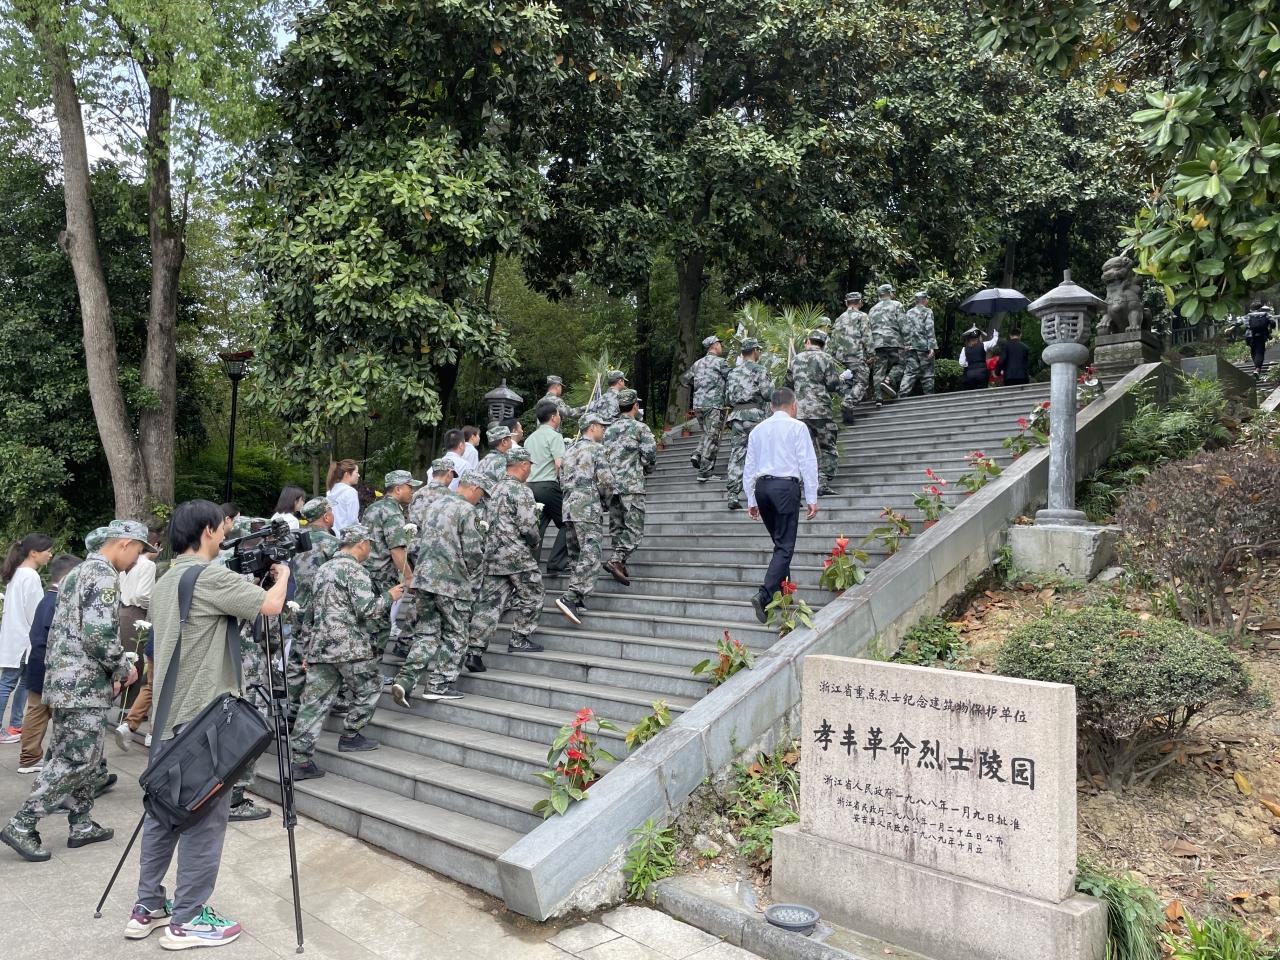 安吉县退役军人事务局有序推进散葬烈士墓迁移安葬工作